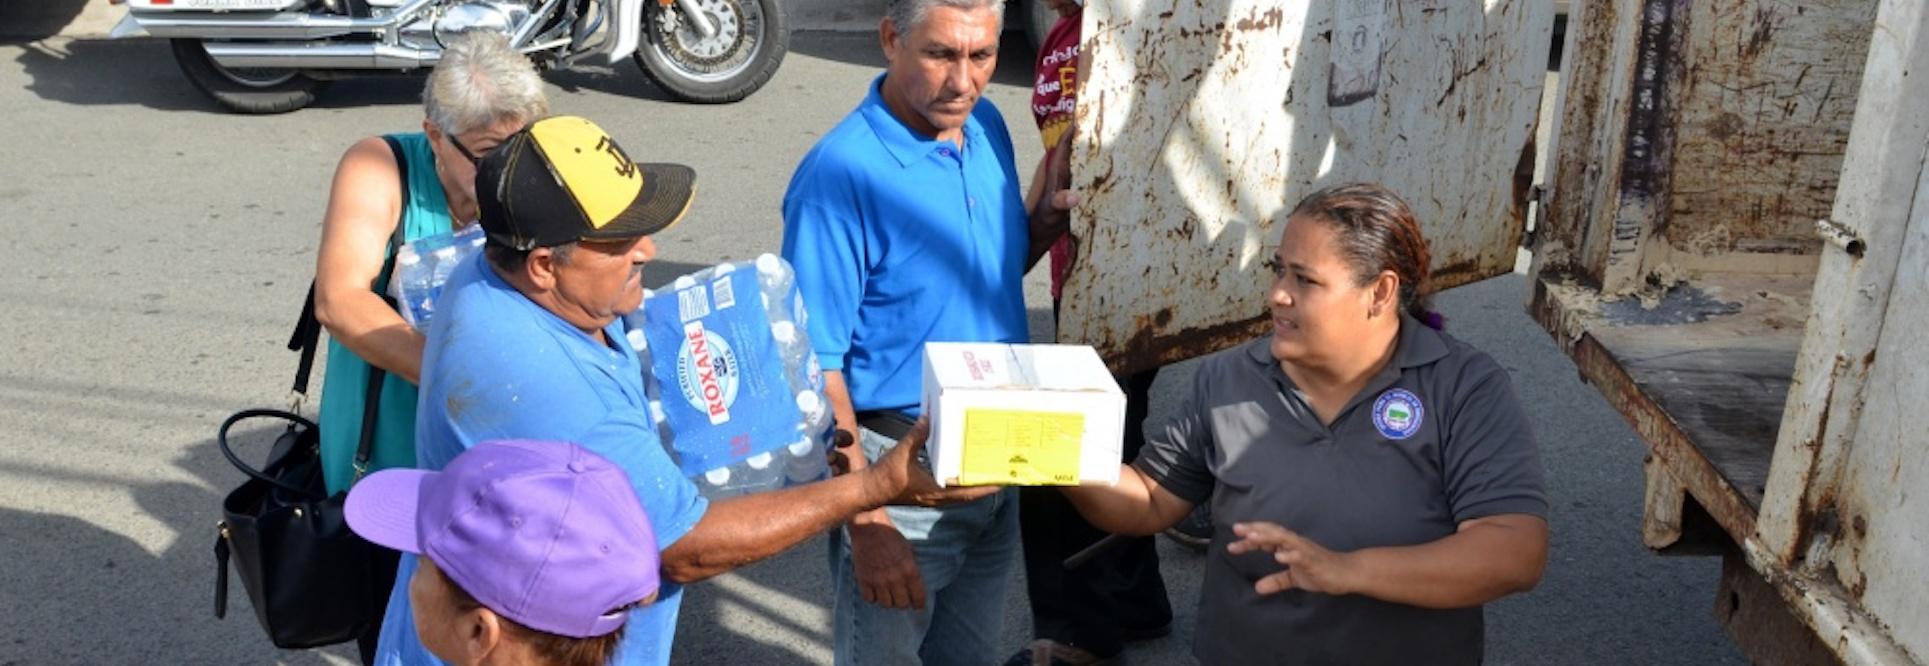 FEMA fails Puerto Rico